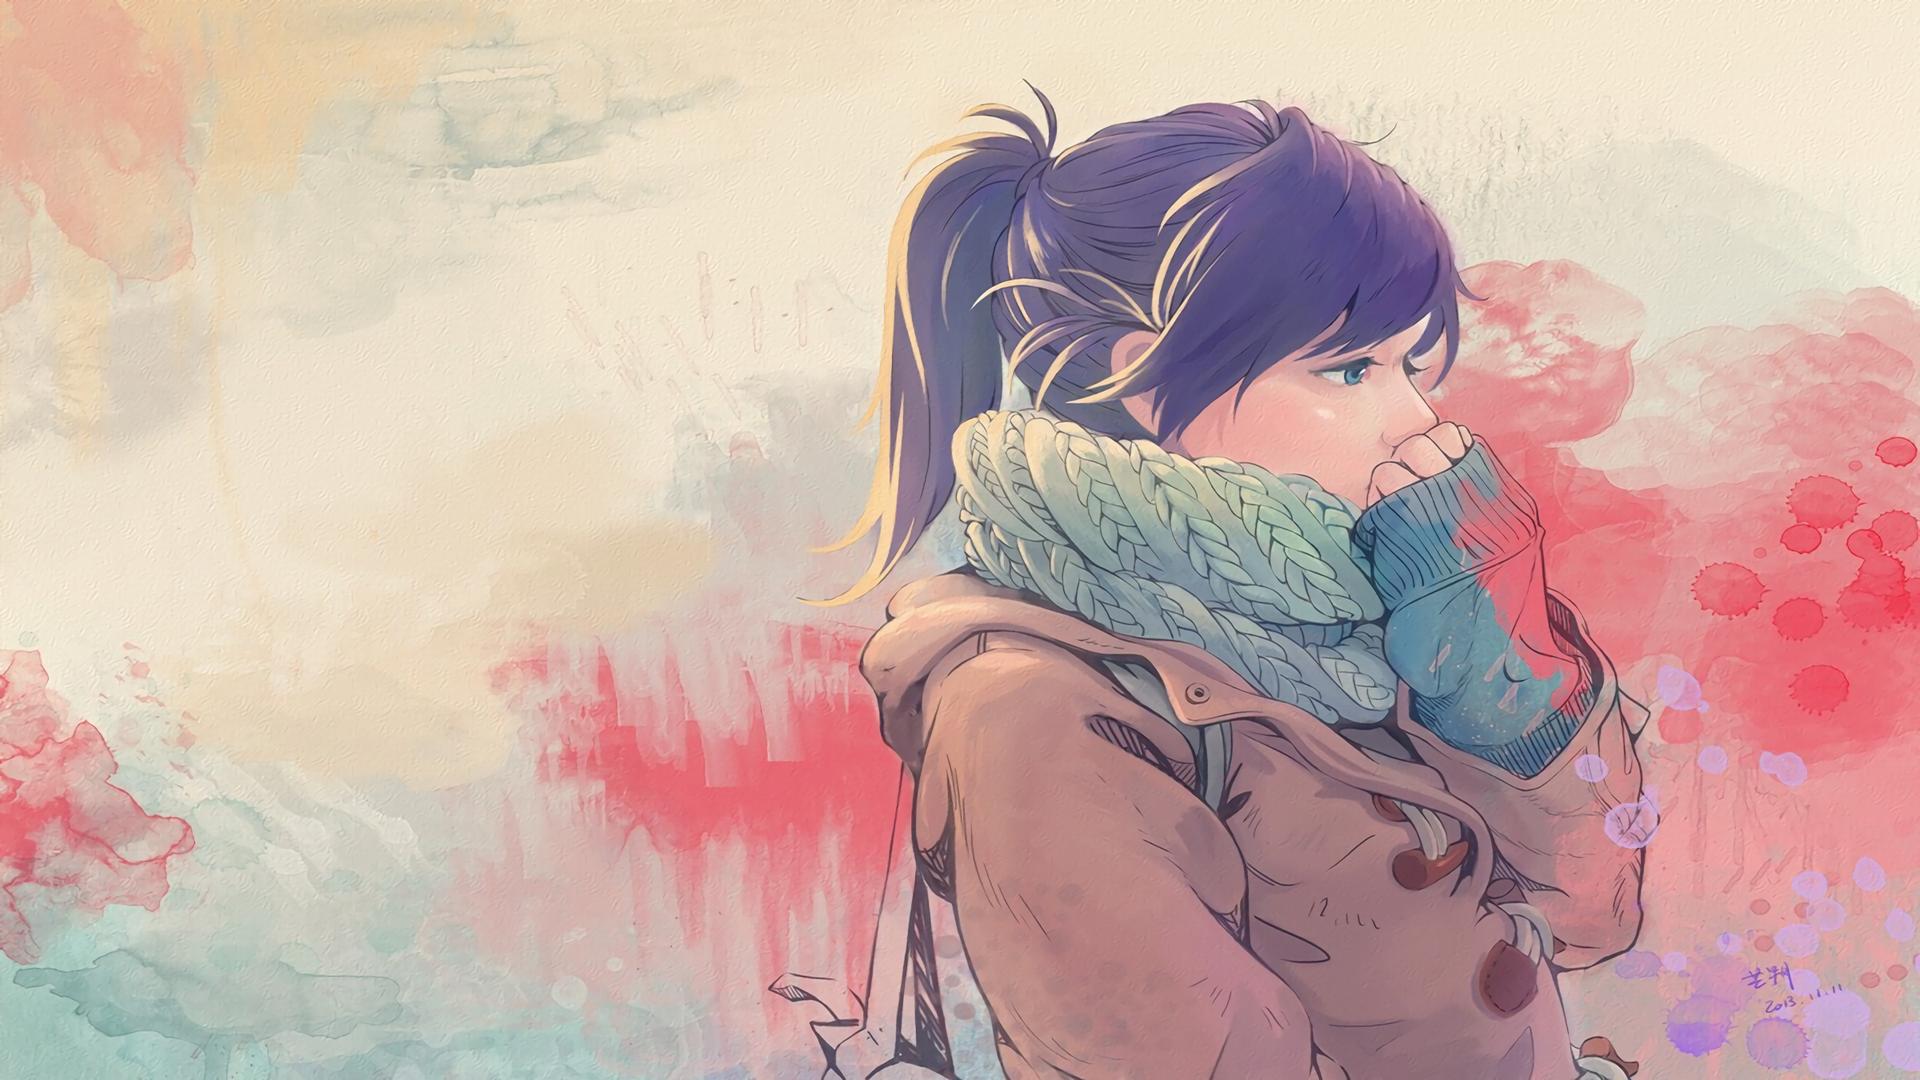 Wallpaper Gambar Ilustrasi Memalingkan Muka Anime Mata